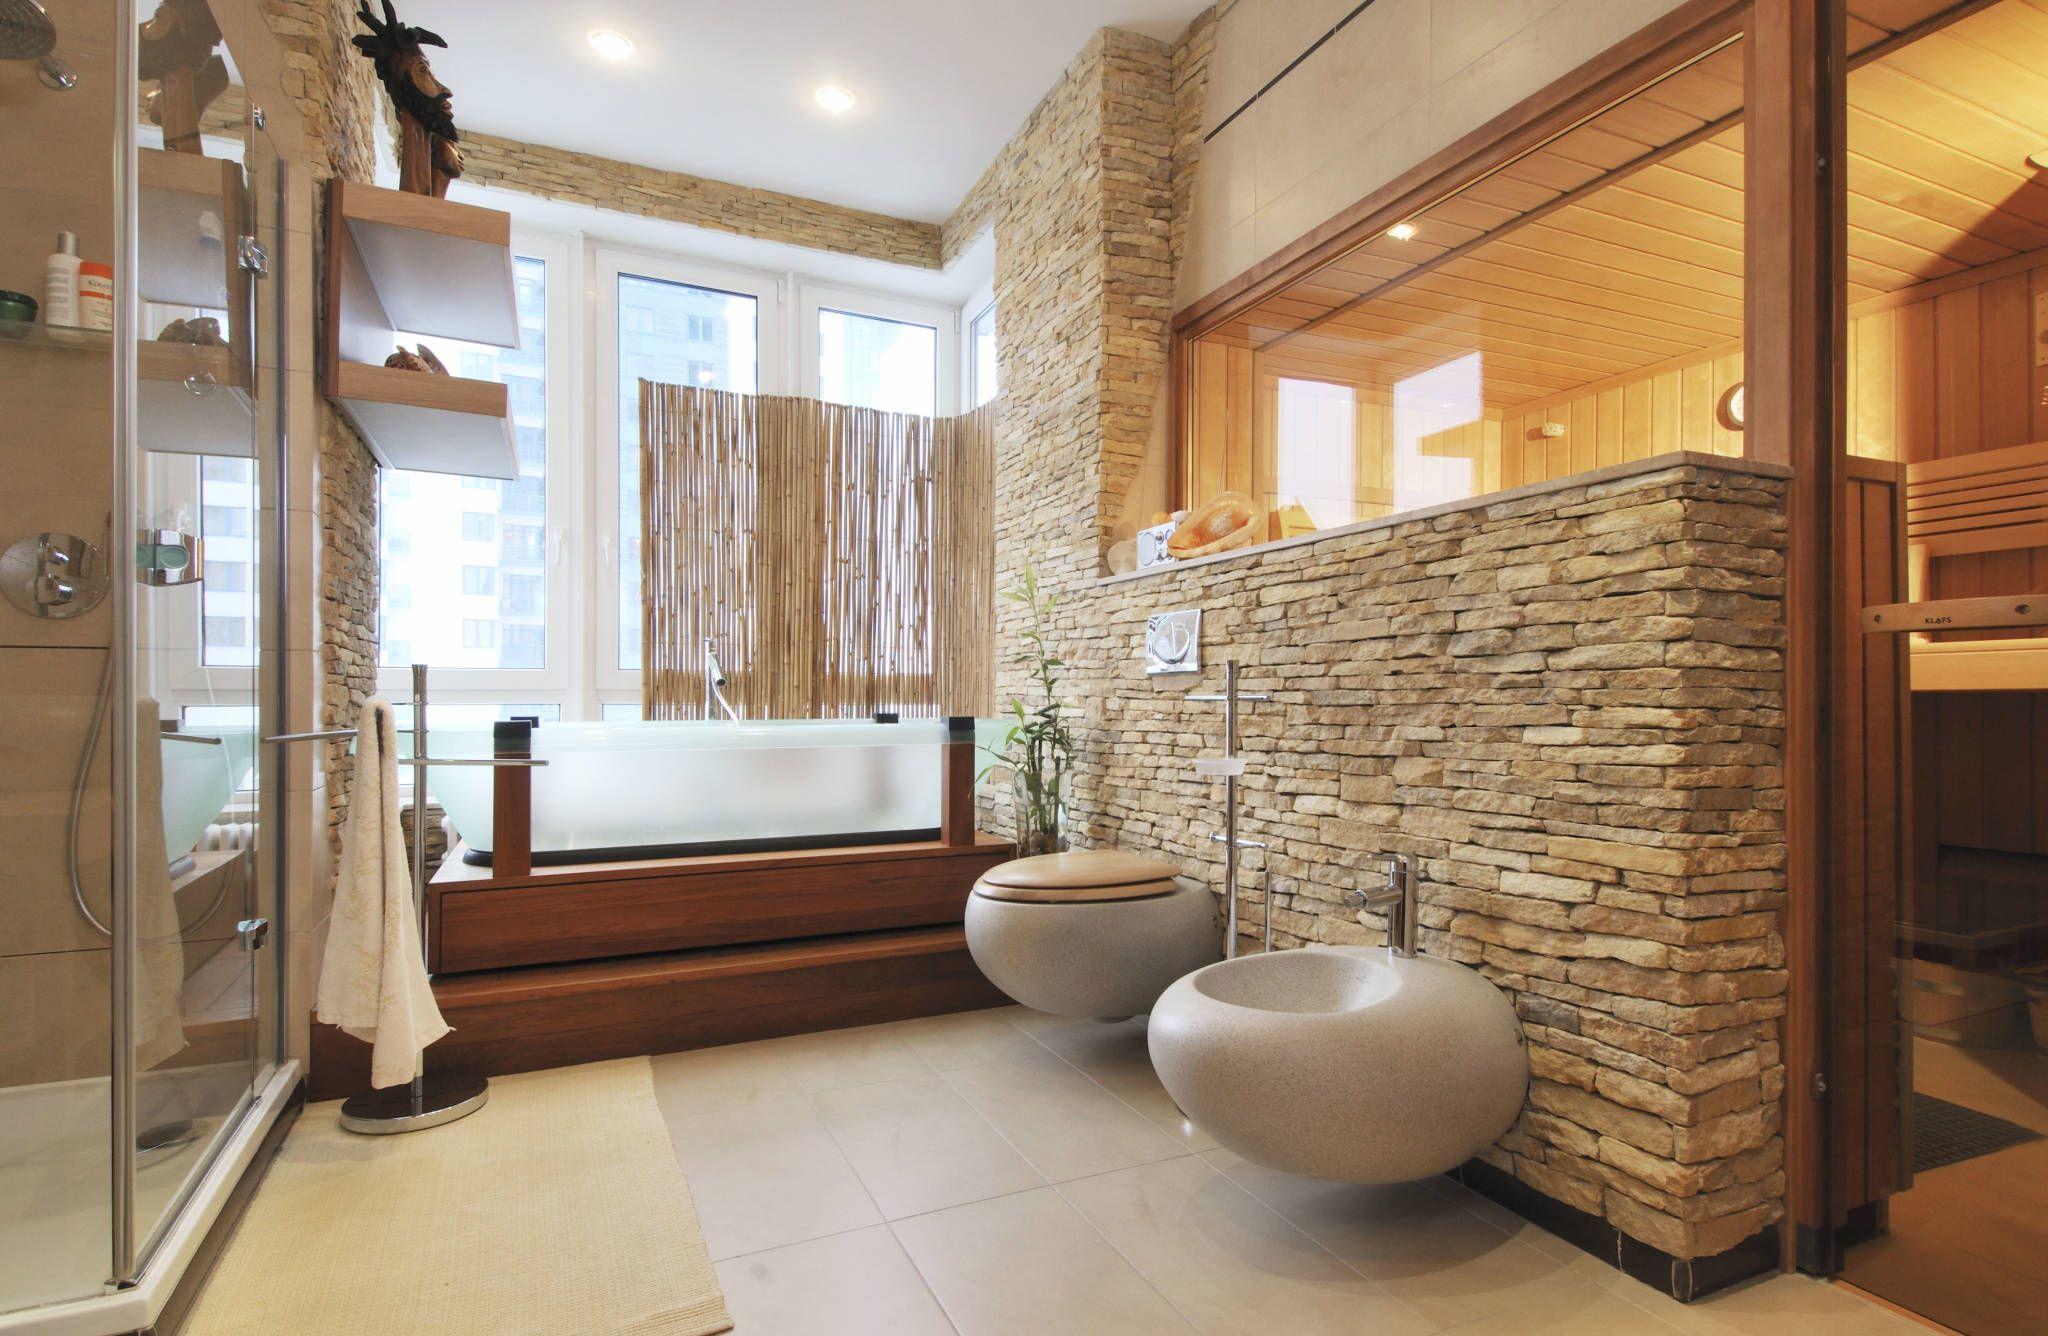 Bagno stretto ~ Idee arredamento casa interior design sauna e bagno